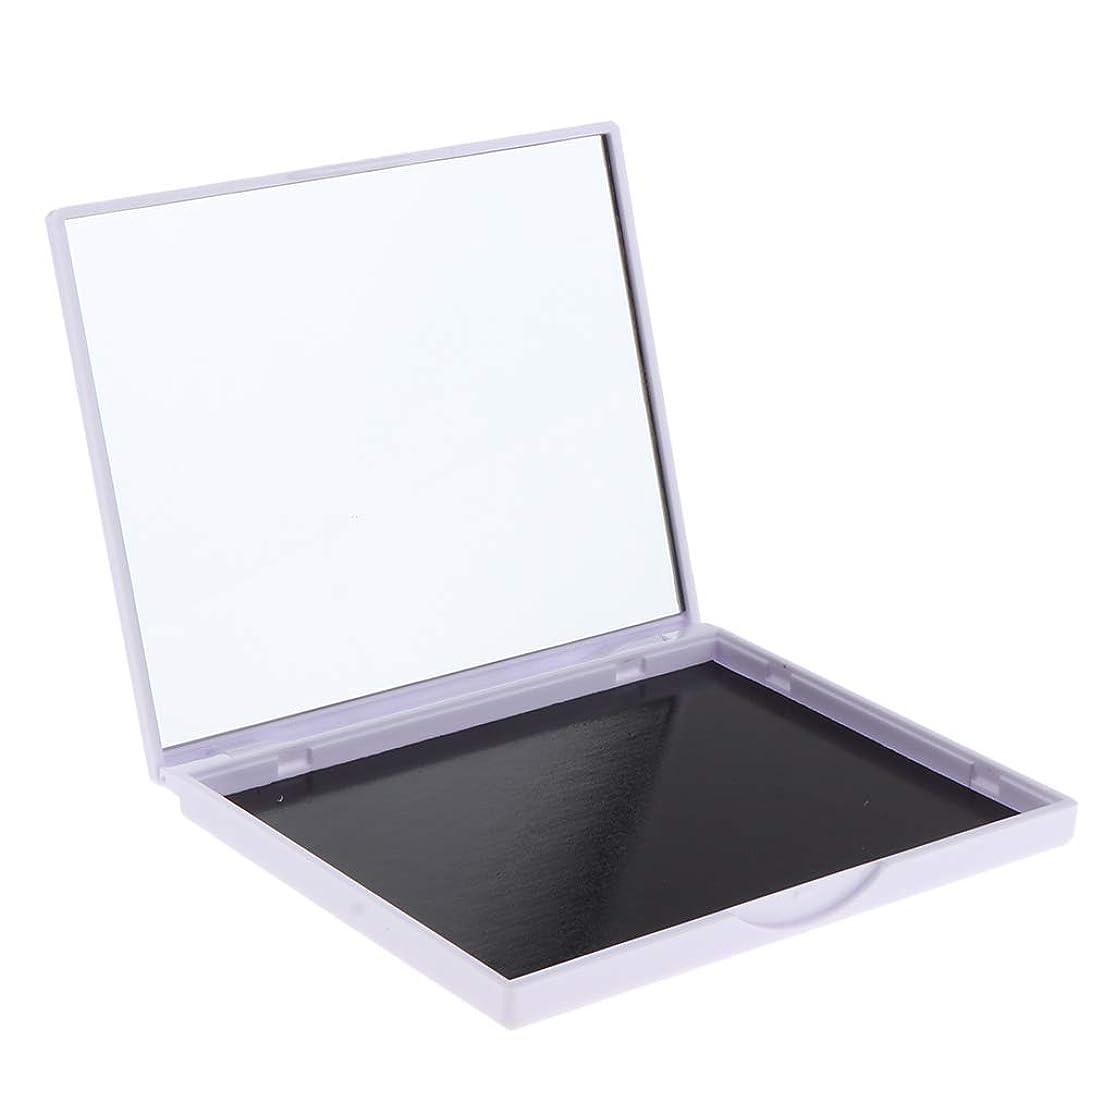 ムスタチオシャンプーアンプT TOOYFUL アイシャドウパレット 磁気 頬紅パレット 空 アイシャドーボックス メイクパレット 全4種類選択 - 03